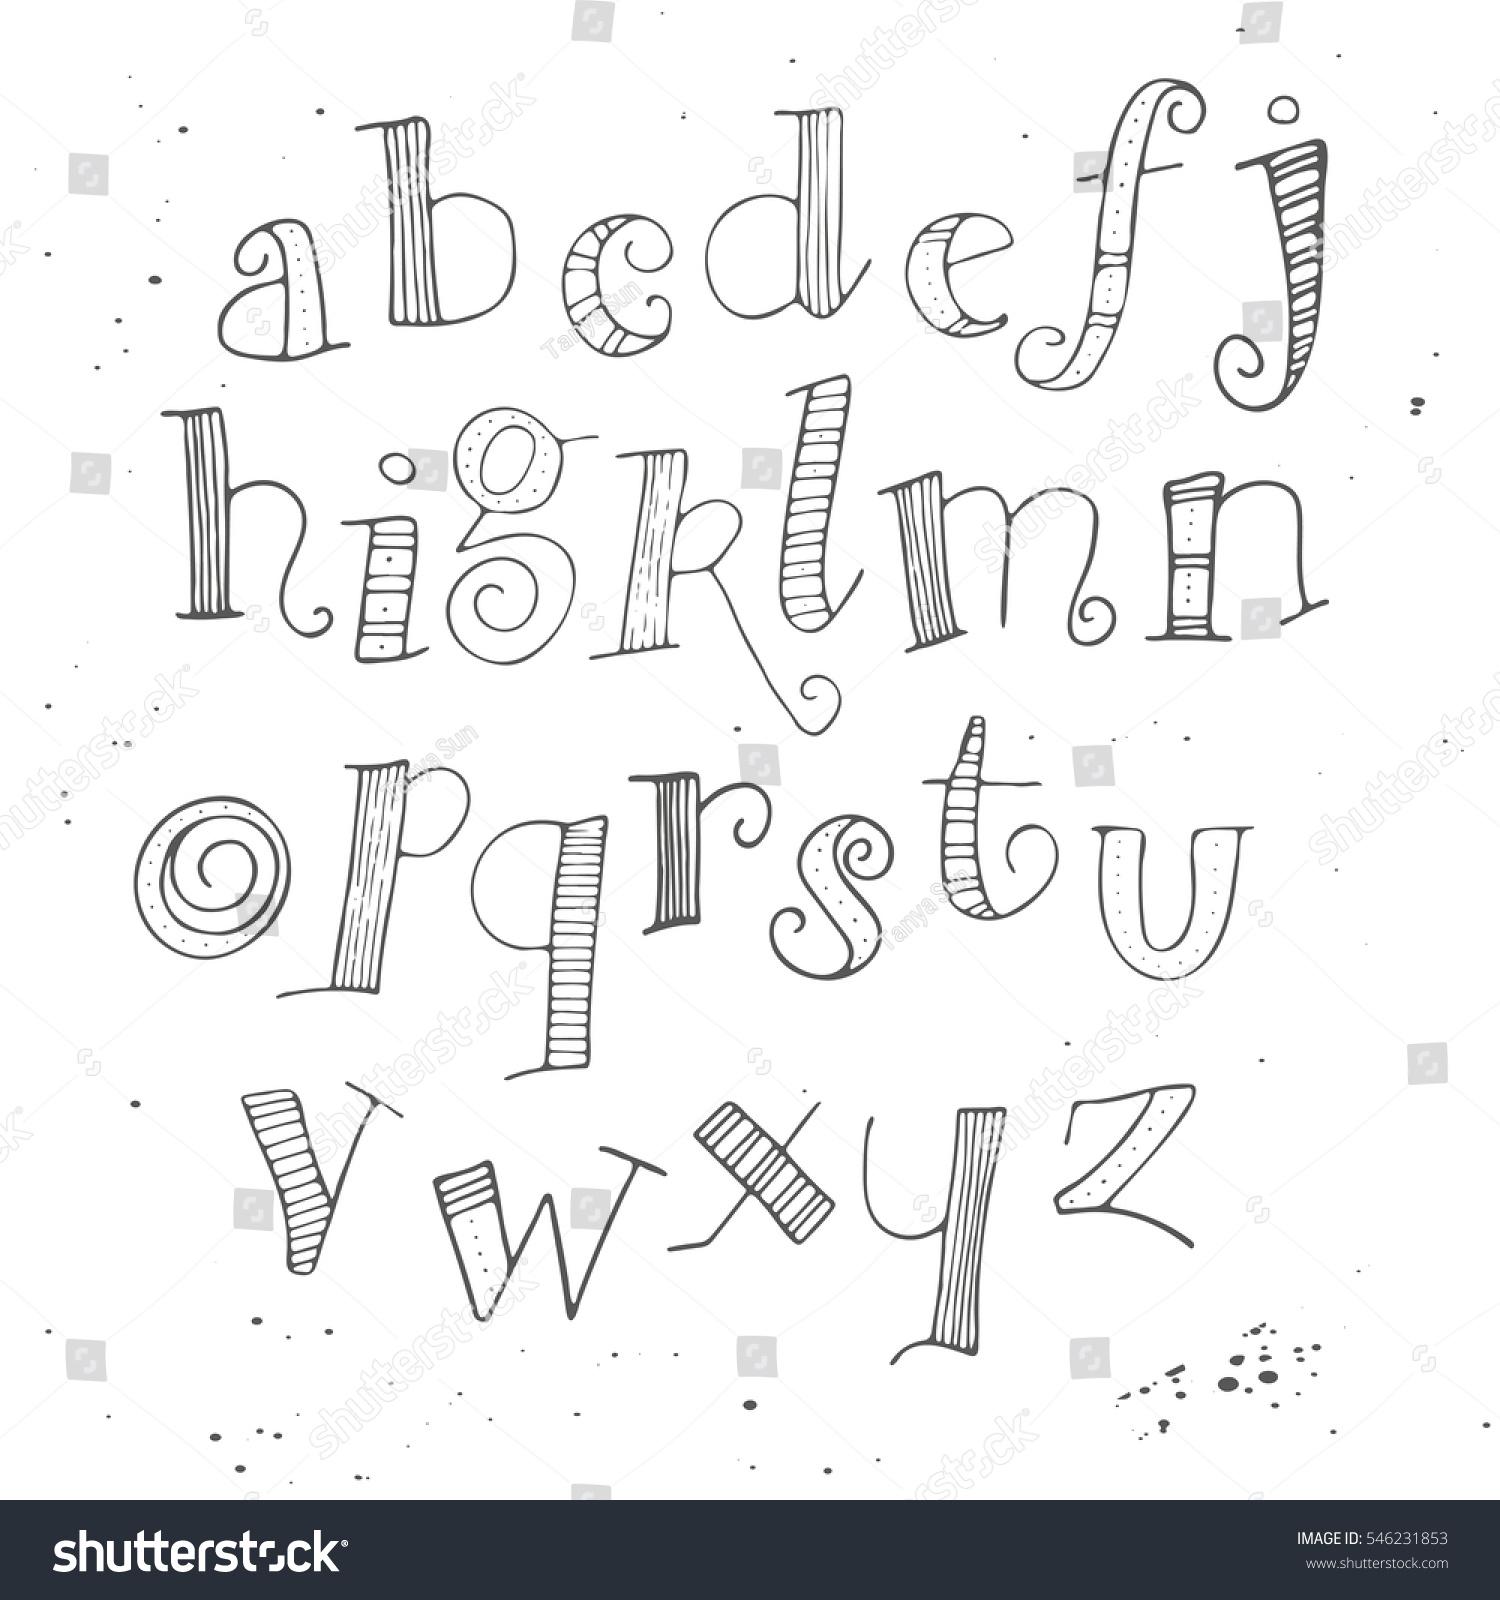 Handwritten Calligraphy Ink Font Unique Alphabet Vector – Handwritten Calligraphy Wedding Invitations